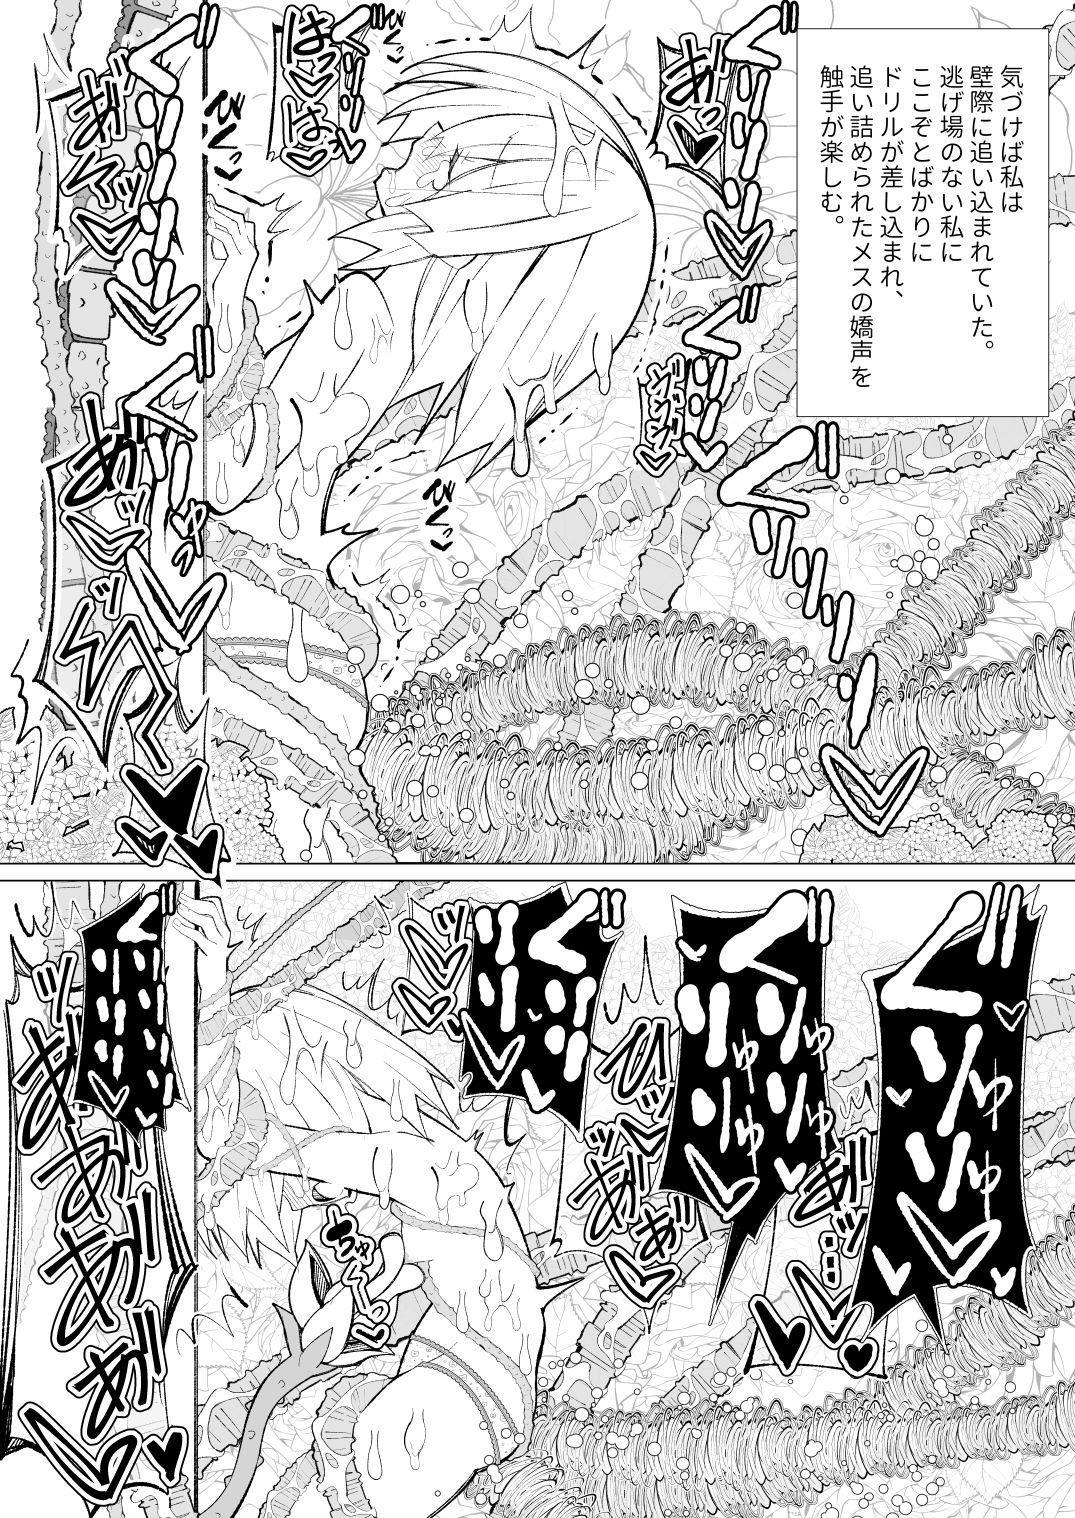 Ishu kan fūzoku-gai3 shokubutsu shokushu × rori 42